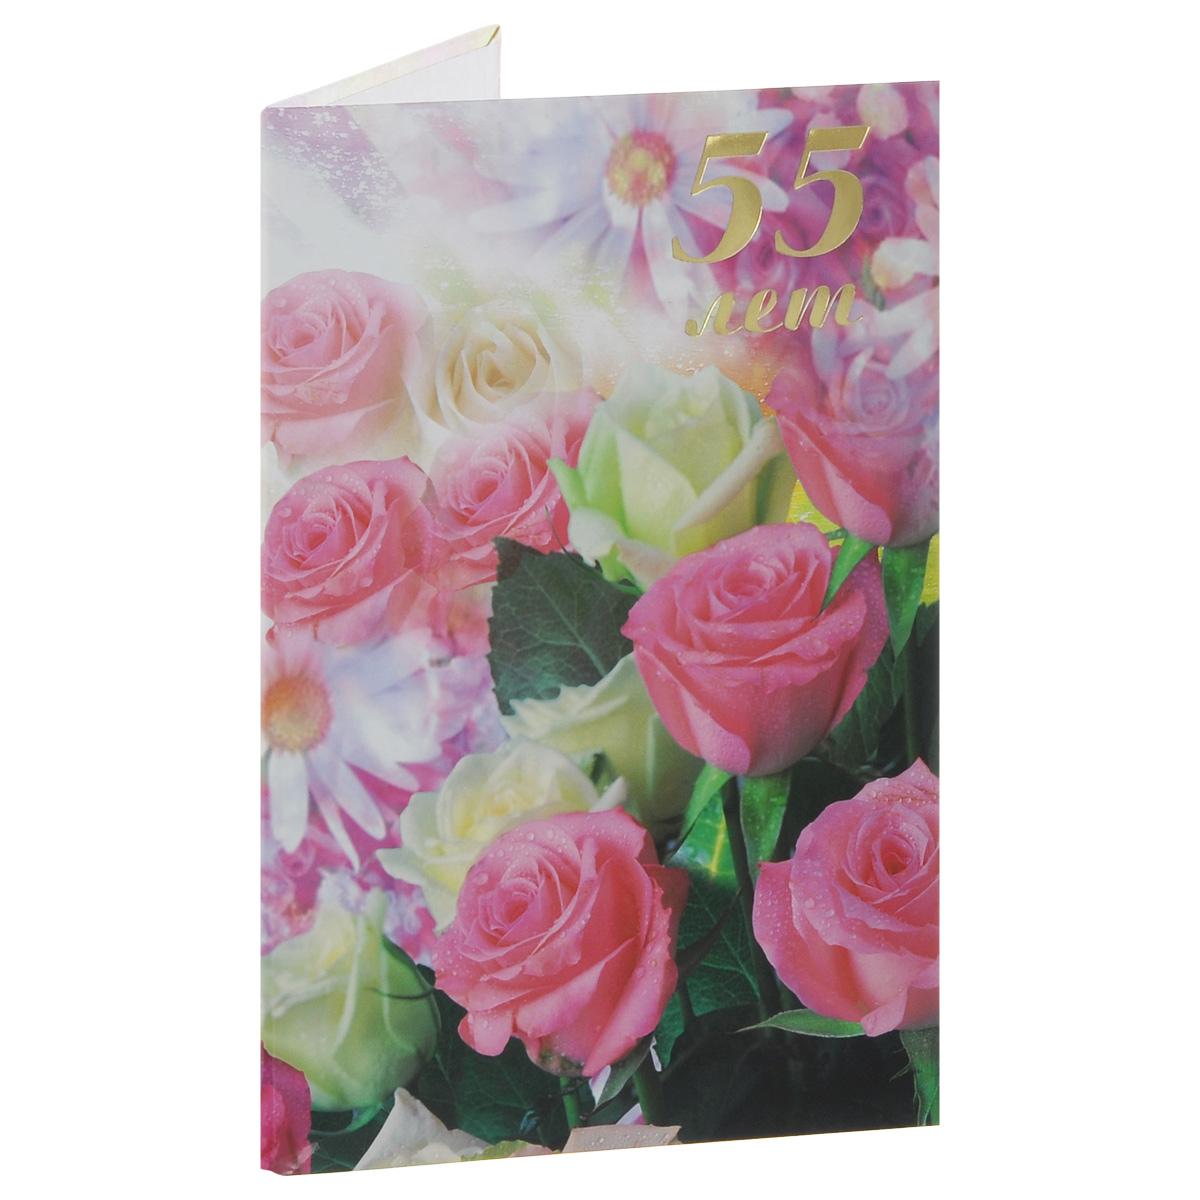 Папка адресная 55 лет. Розы, формат А4FS-54115Адресная папка 55 лет. Розы станет прекрасным дополнением к подарку на юбилей. Папка выполнена из плотного ламинированного картона с поролоновой подложкой. На красочной обложке расположена надпись 55 лет,нанесенная методом тиснения импортной фольгой. Внутренние форзацы выполнены из плотной бумаги белого цвета. Для закрепления вкладыша предусмотрена лента-фиксатор.